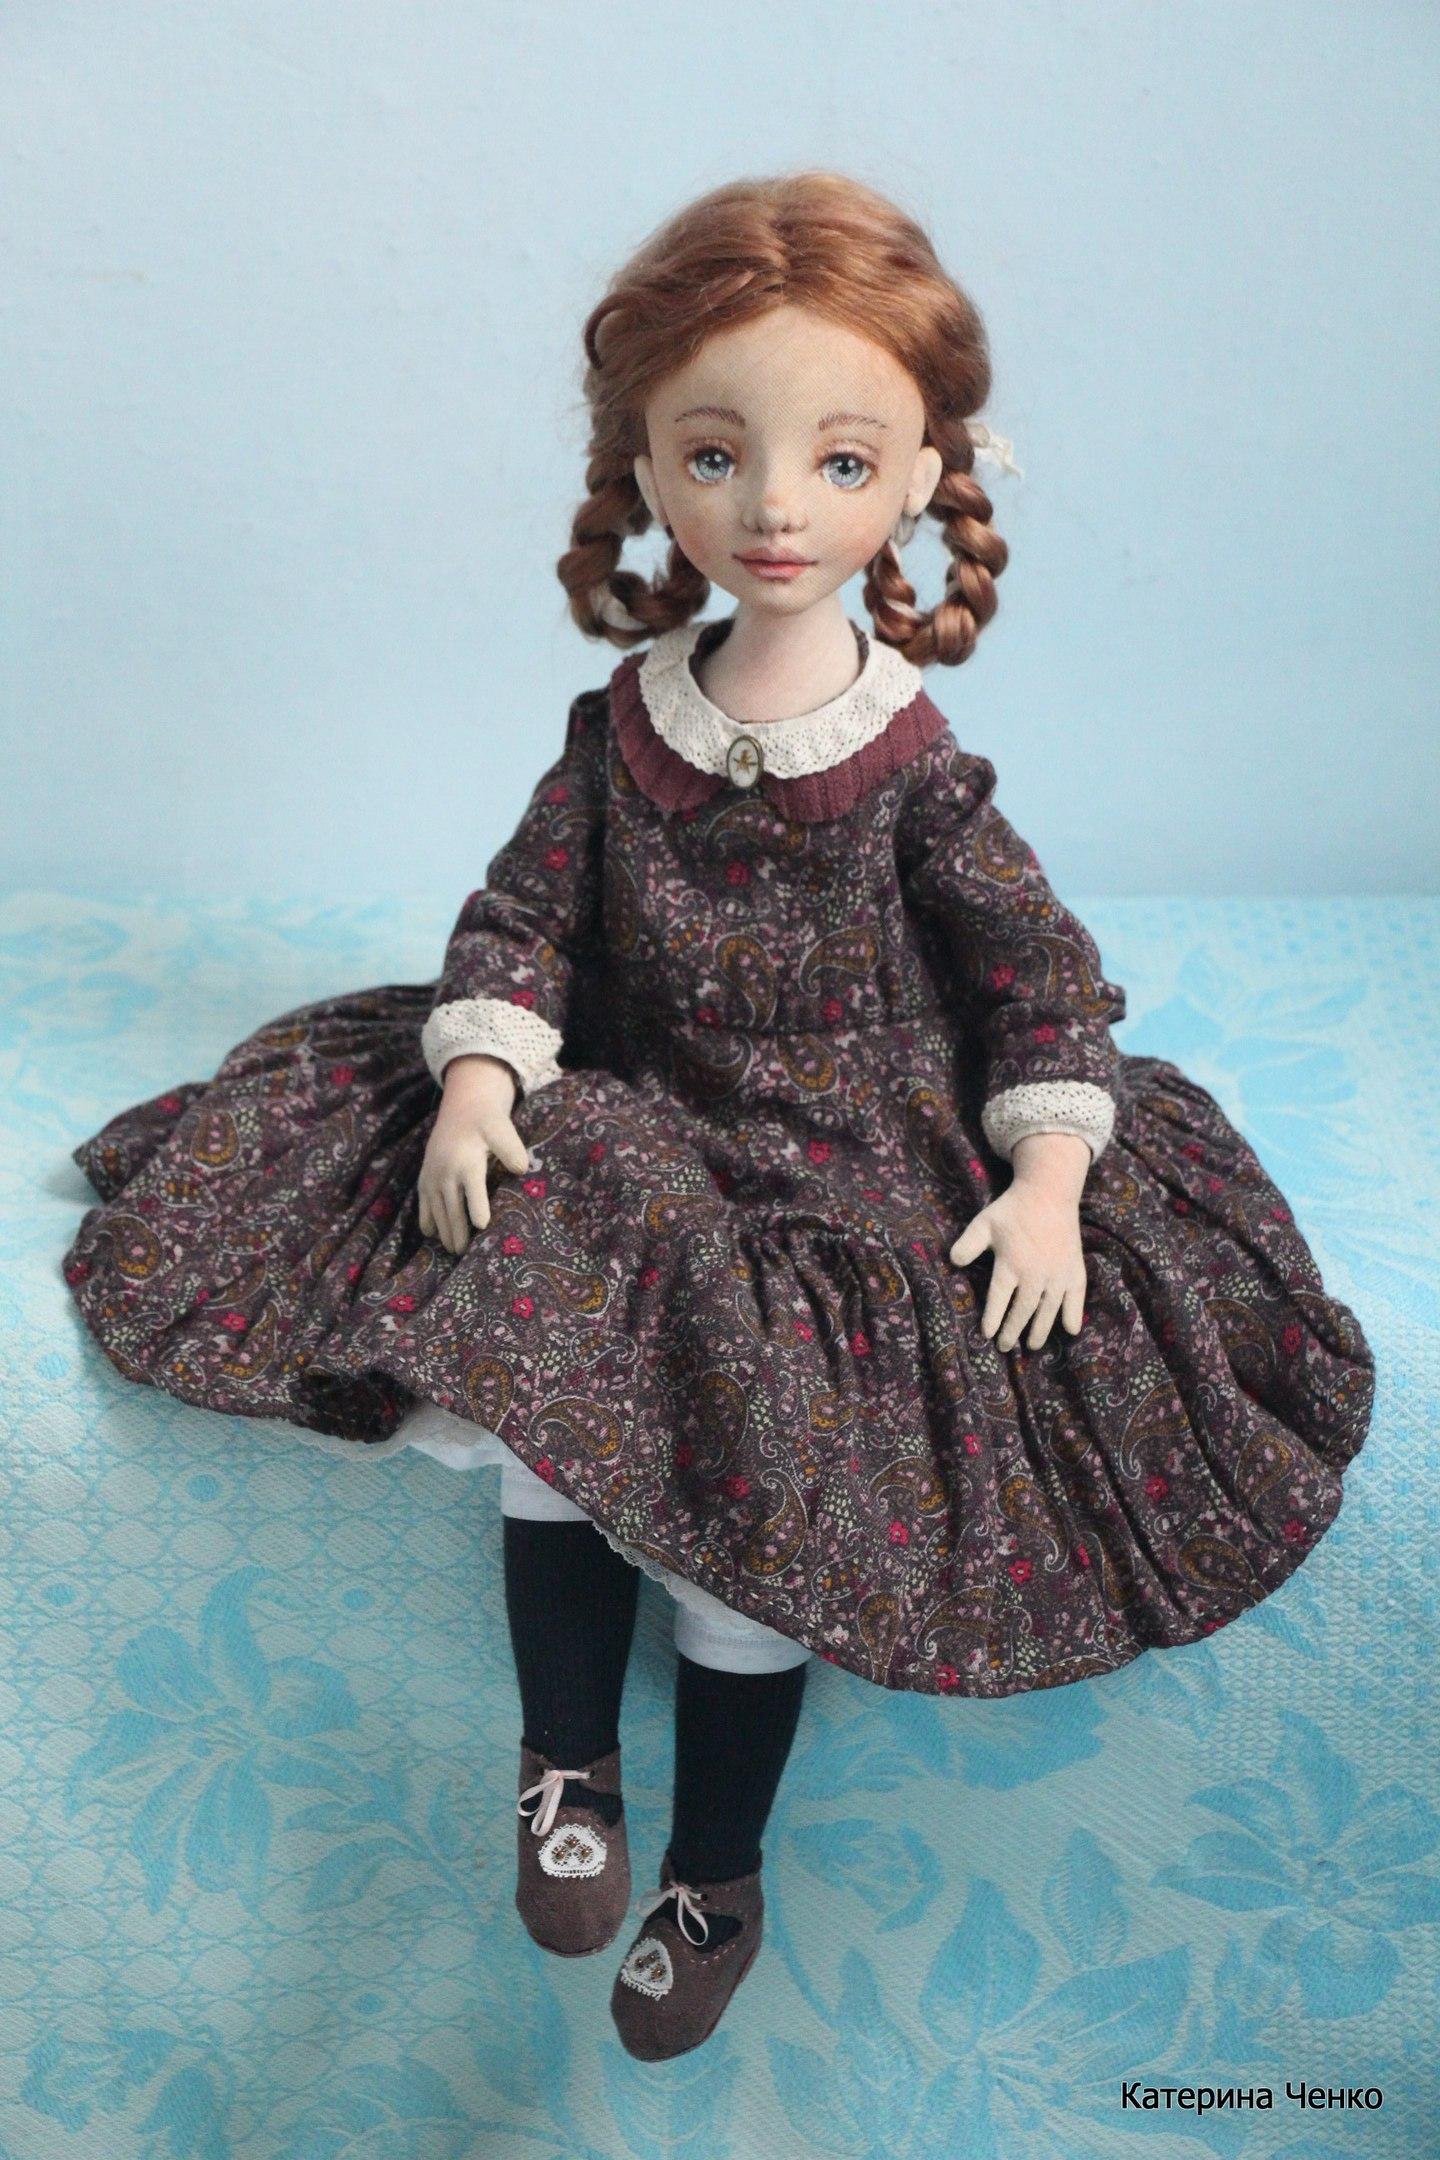 авторская кукла катерины ченко